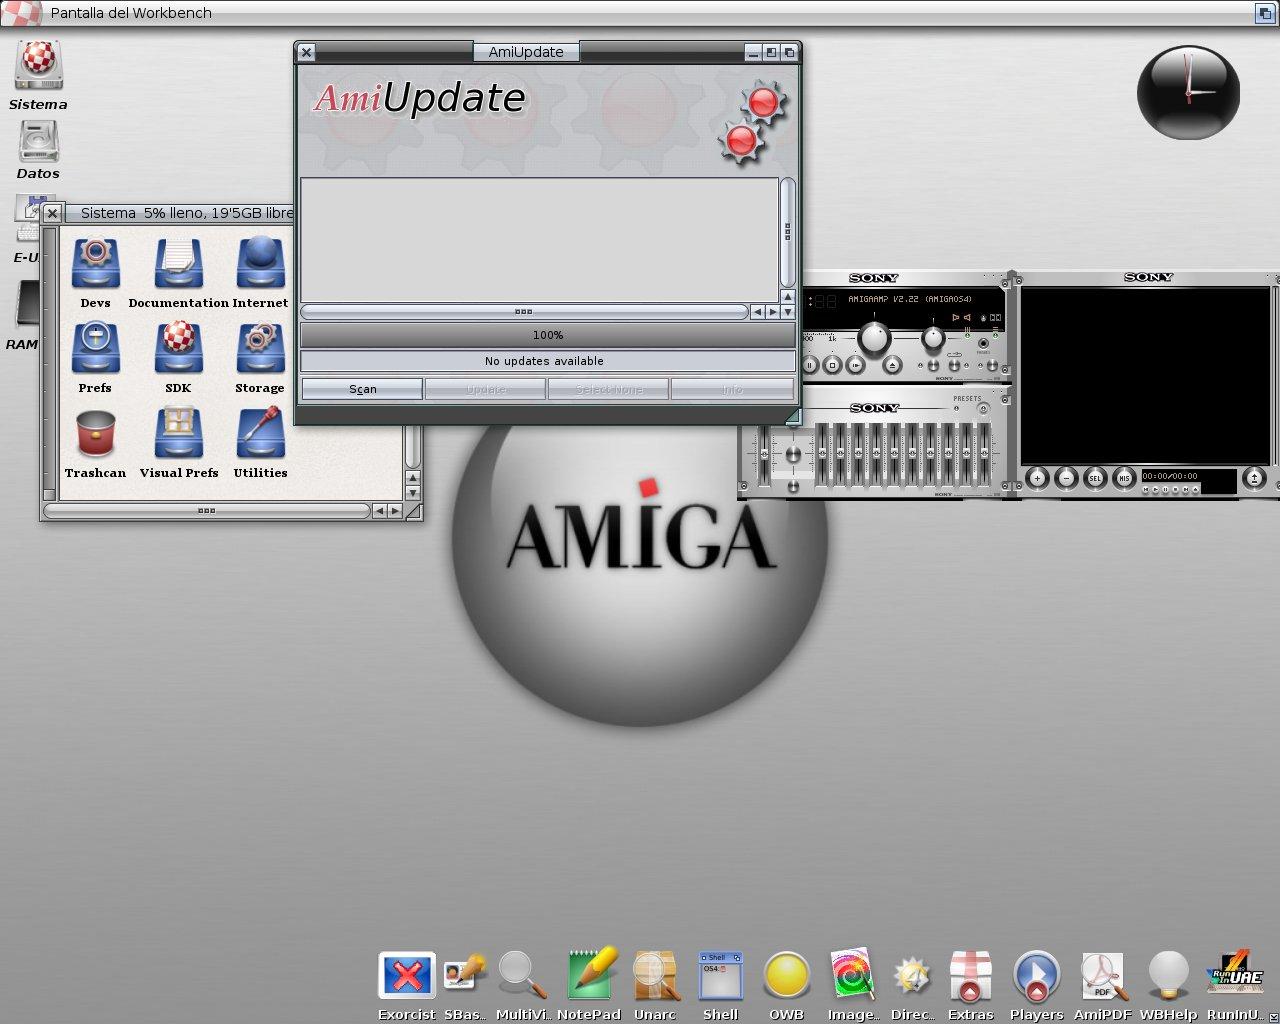 My OS4.1U2 in black